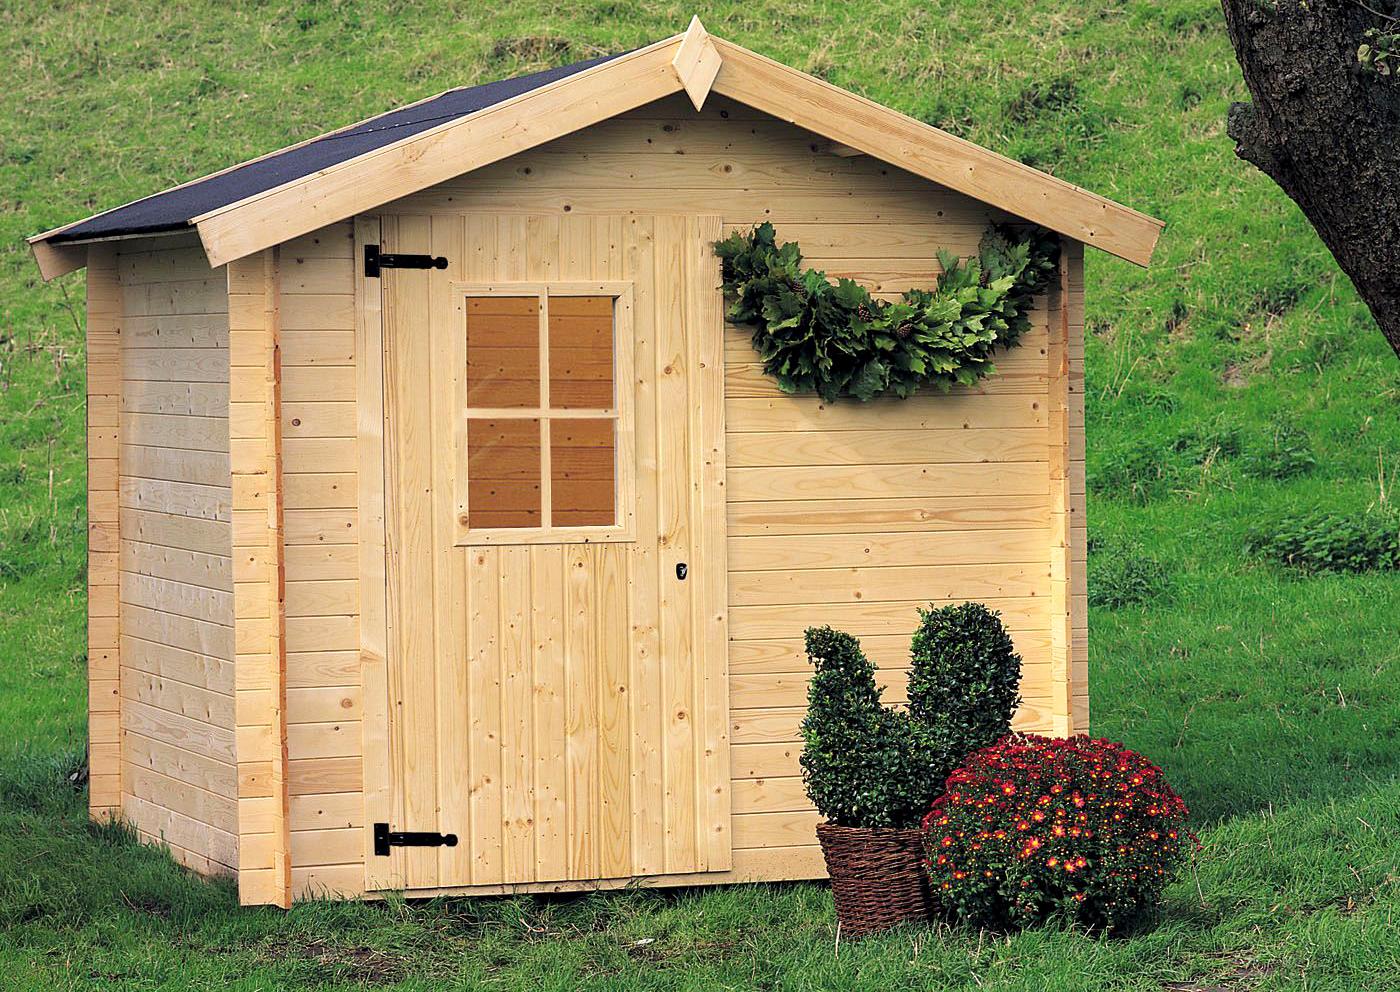 Casetta cinzia gartenpro in legno per giardino prezzo - Casetta in legno da giardino bianca ...